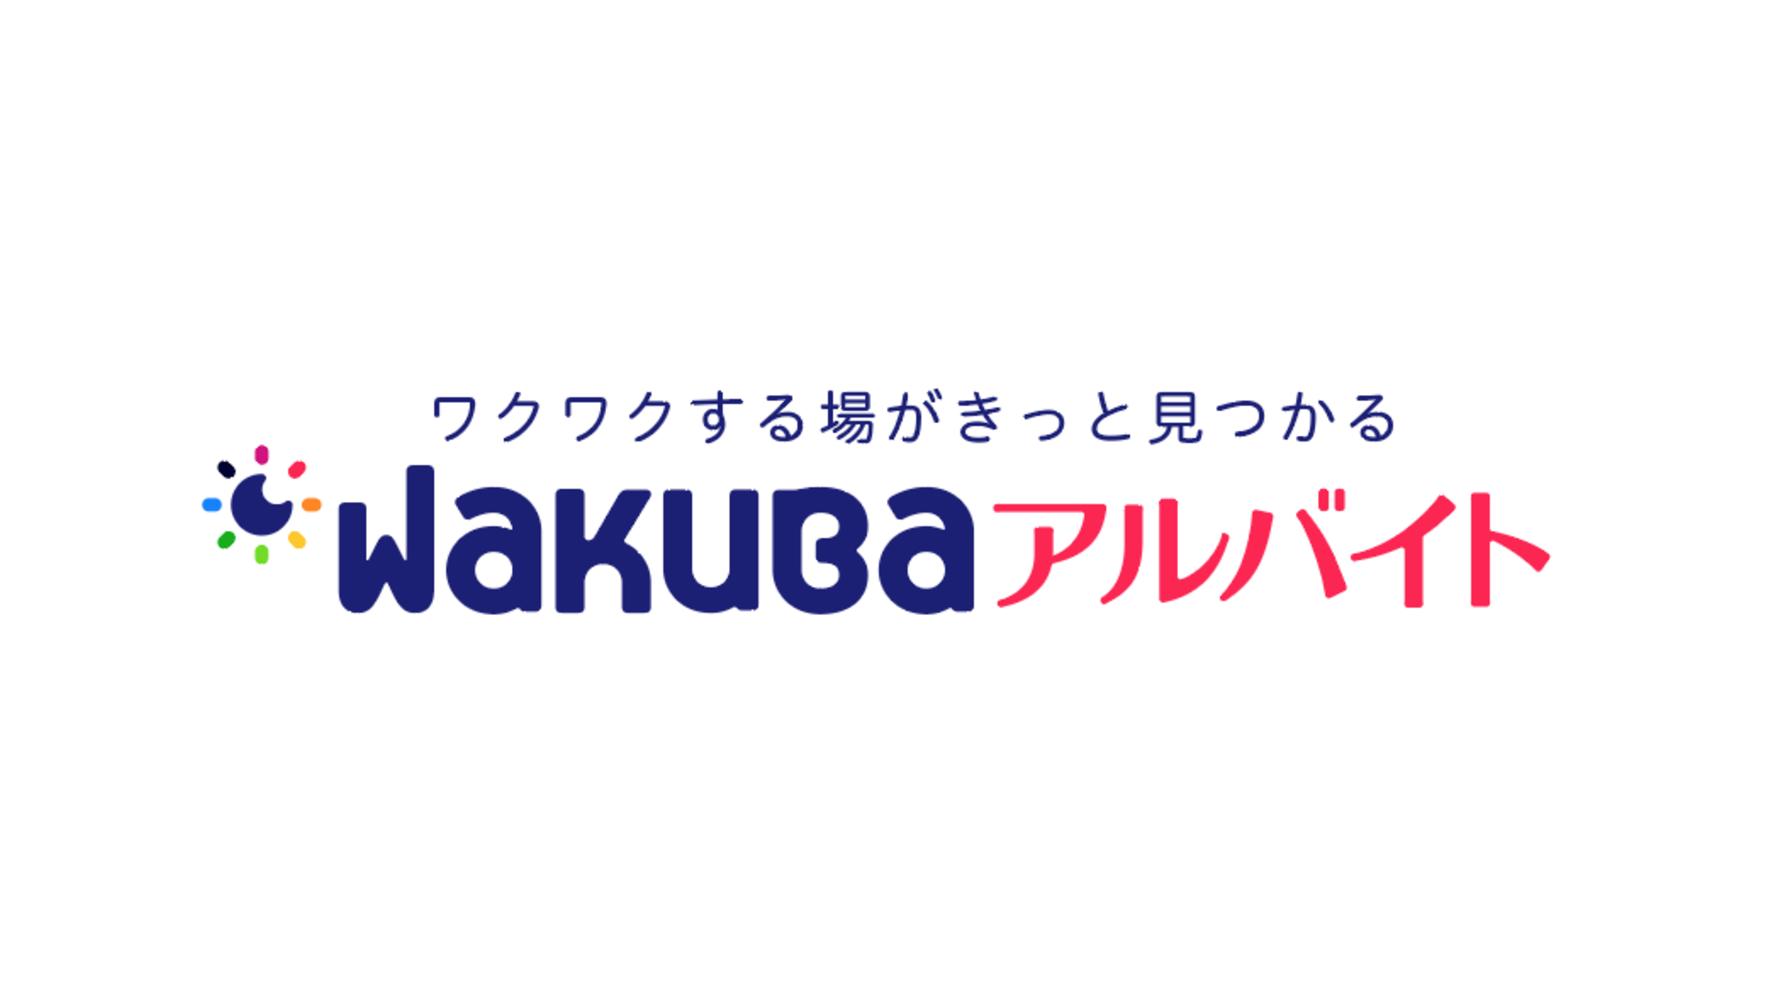 wakubaアルバイト